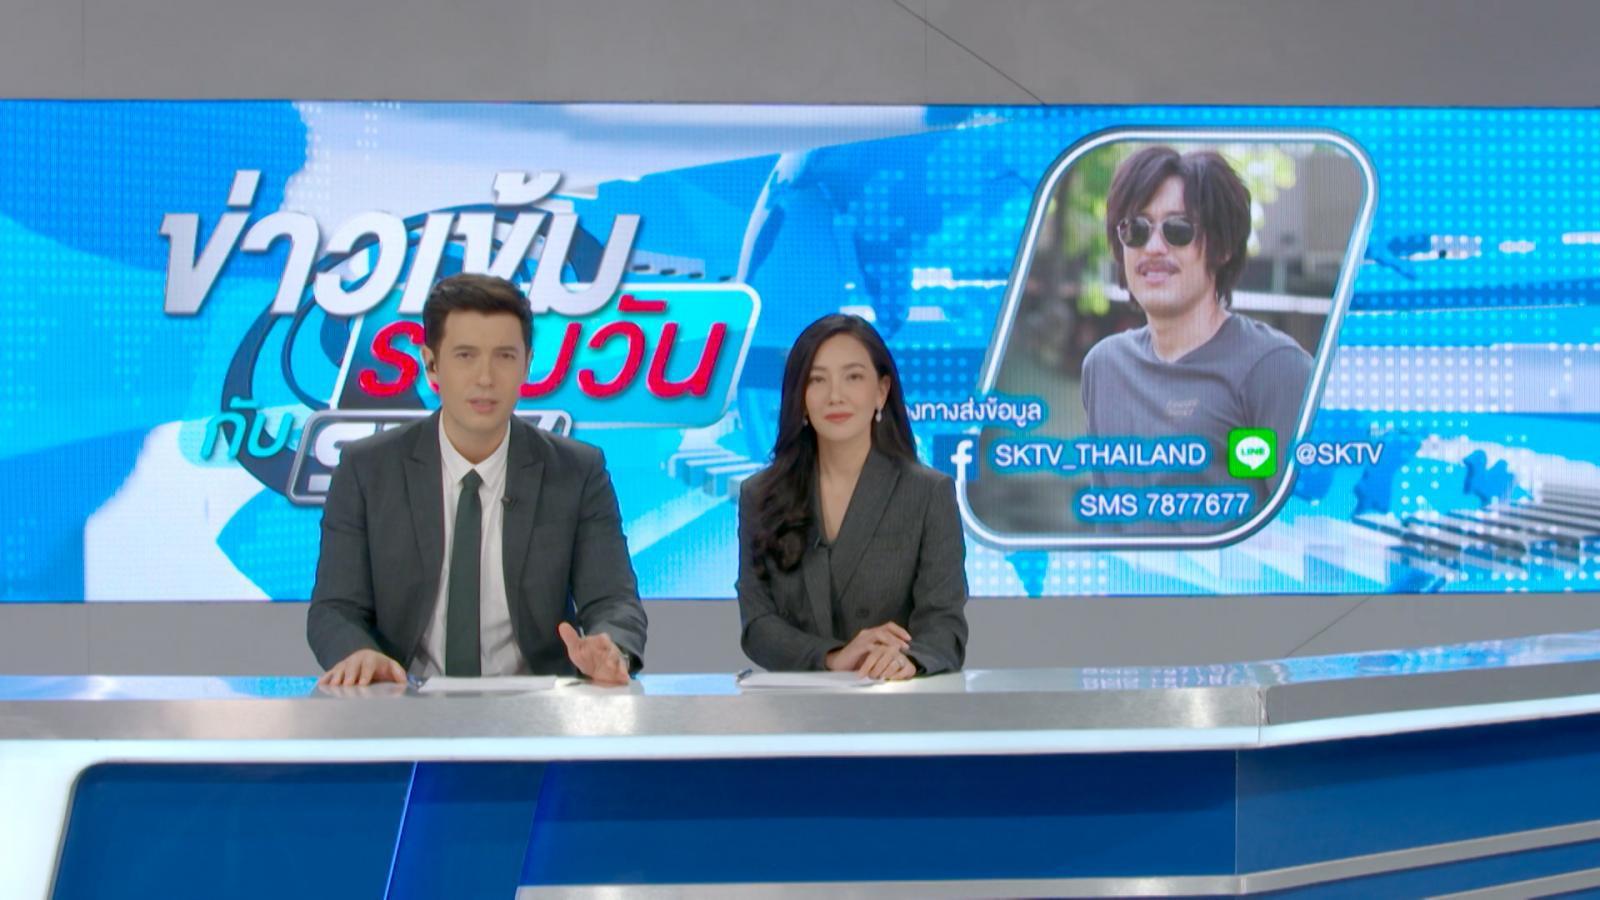 วุ่นรักนักข่าว EP.25 | ฟินสุด | ยิ่งปกปิด ยิ่งต้องแฉ | PPTV HD 36